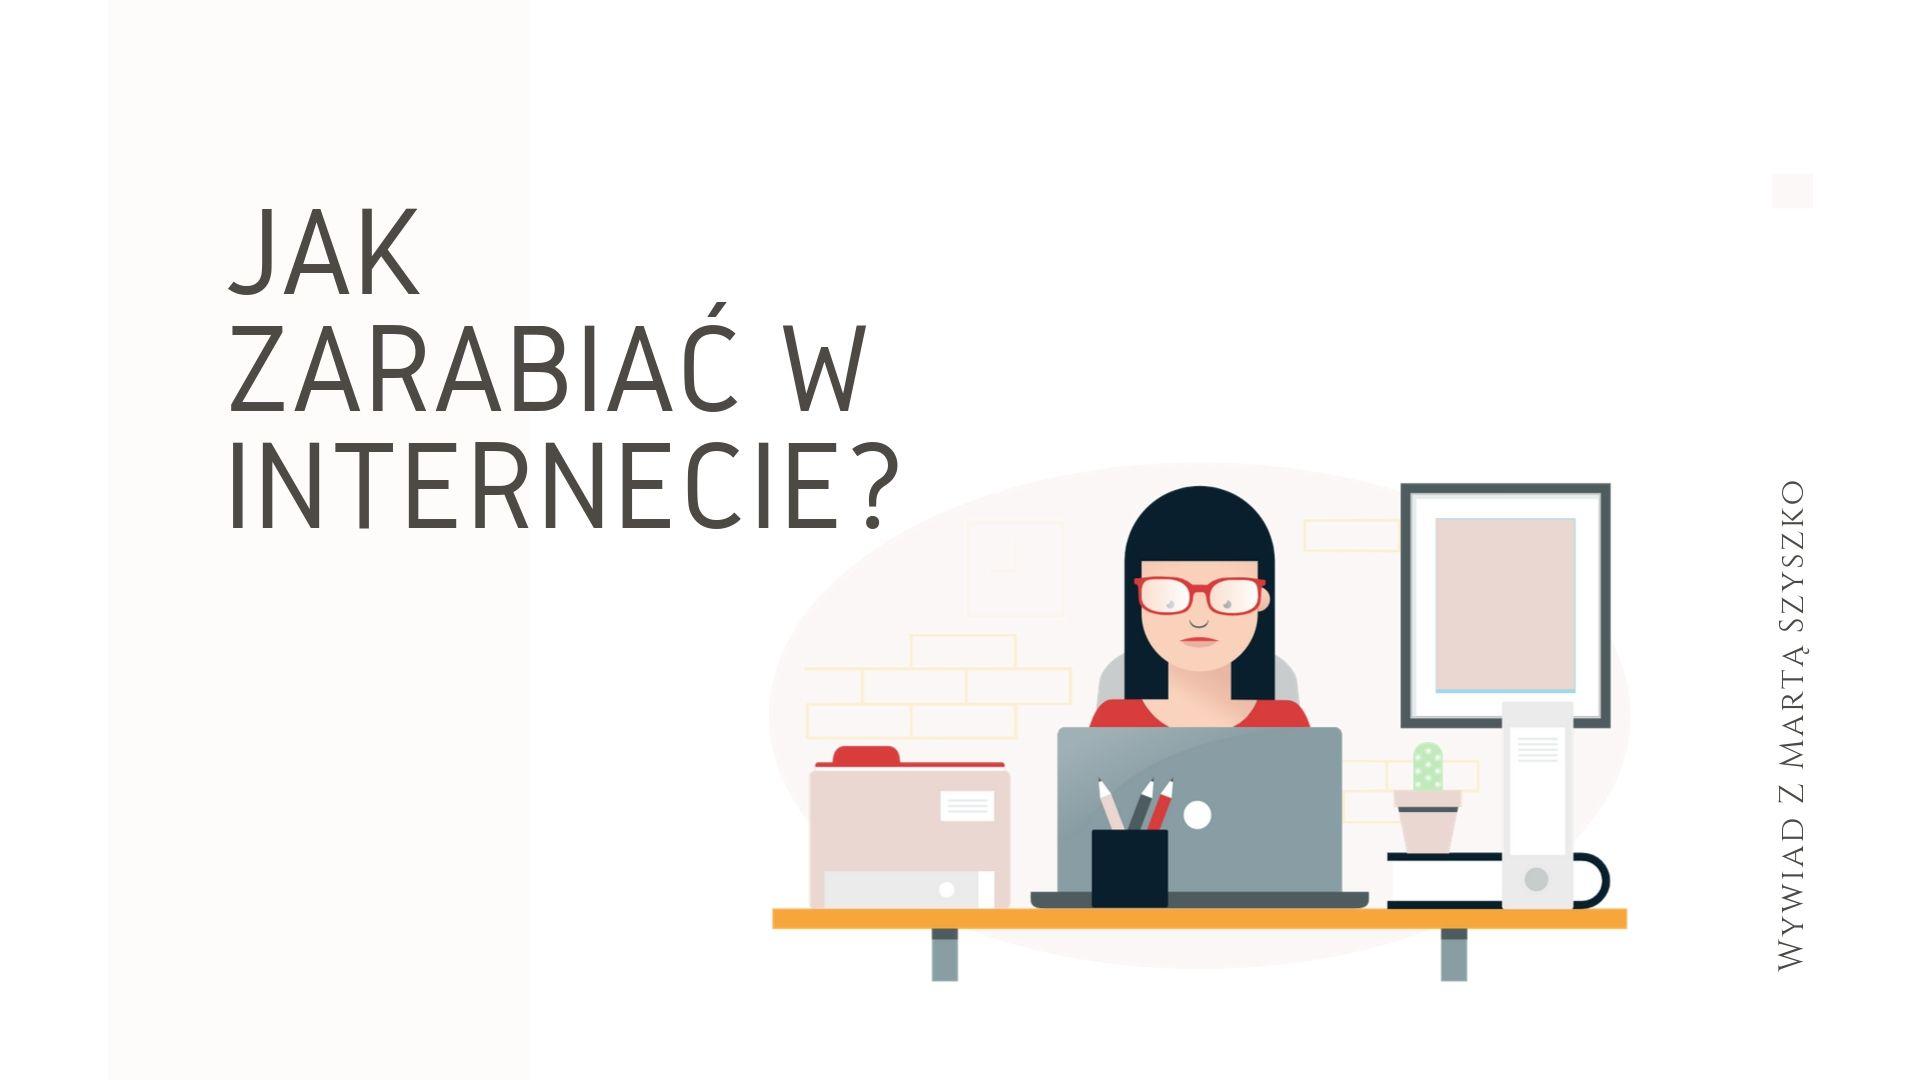 Jak zarabiać w internecie? Wywiad z Martą Szyszko – autorką bloga Kobieta w e-biznesie